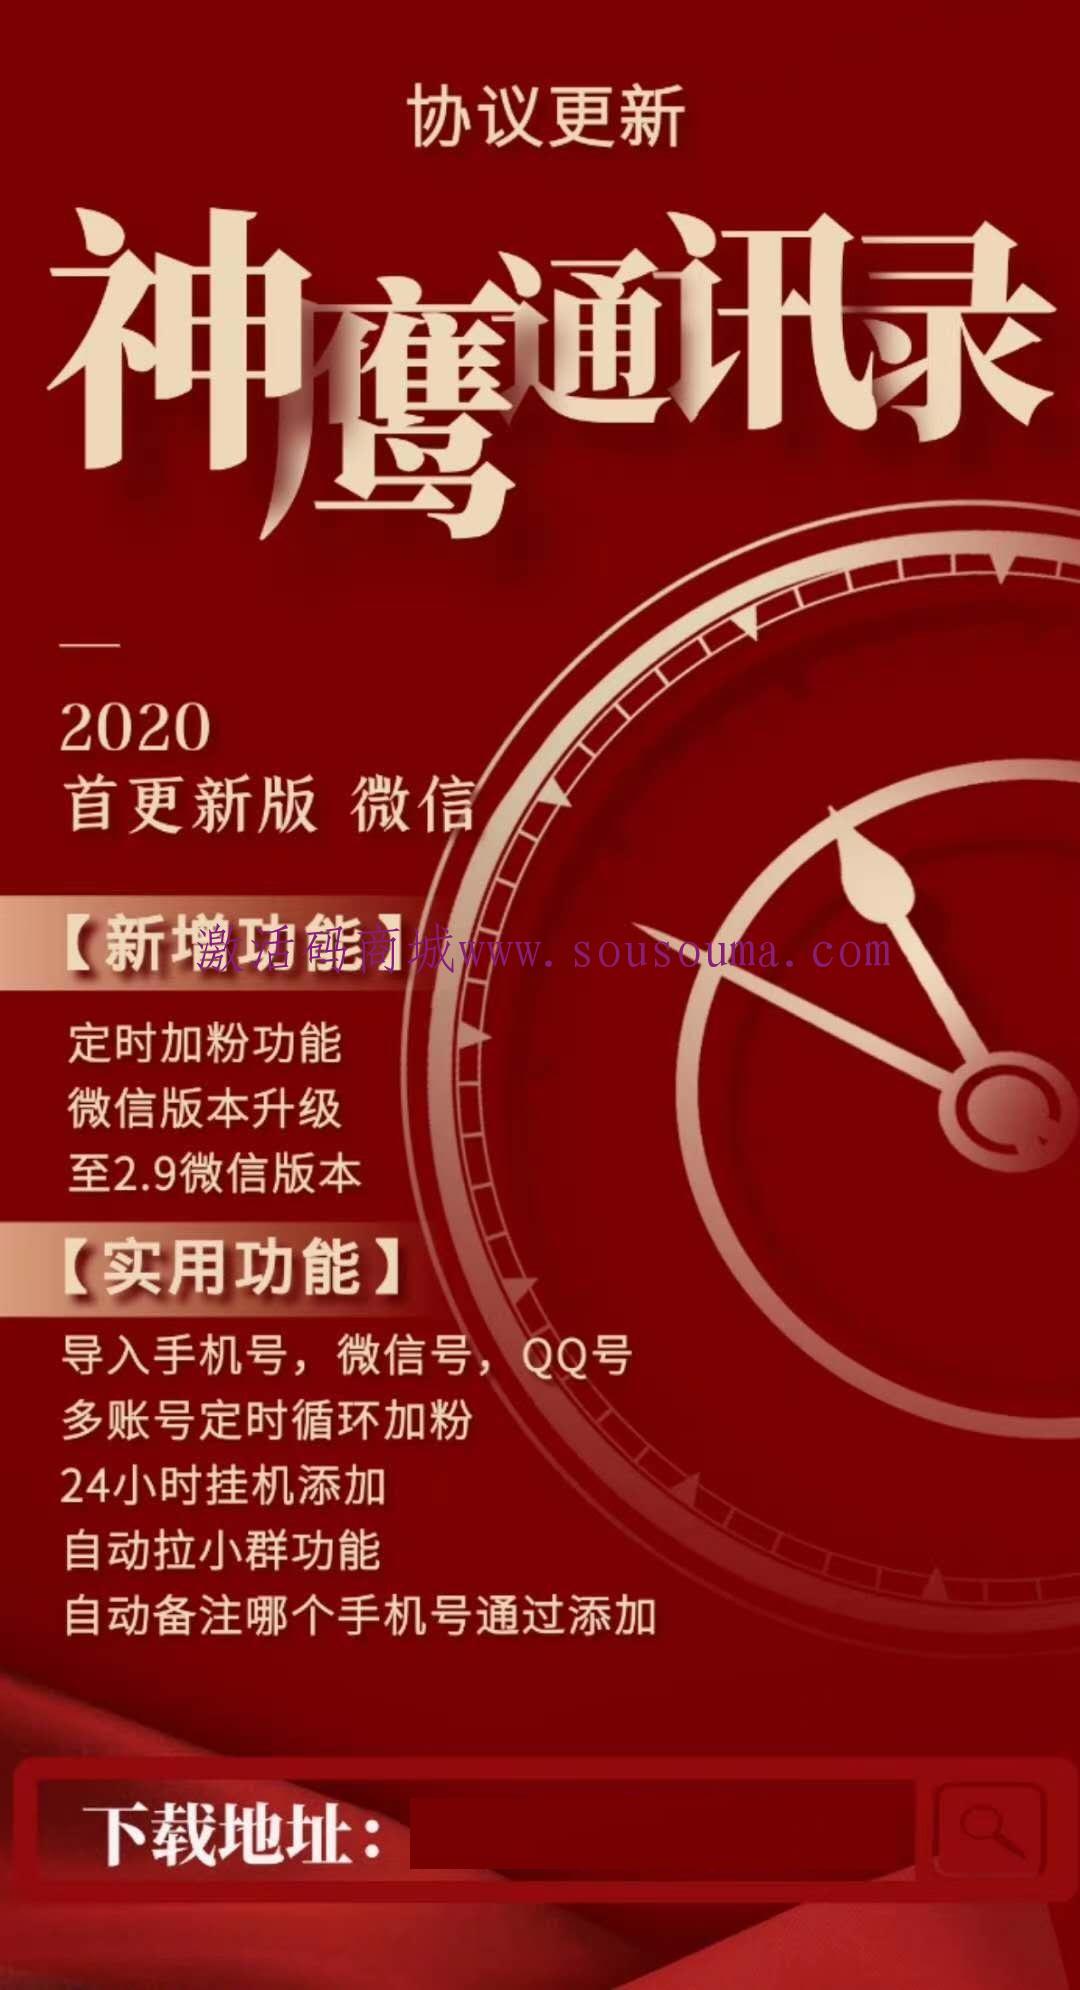 【神鹰通讯录协议官网】微信电脑版自动加手机号为好友激活码授权代理